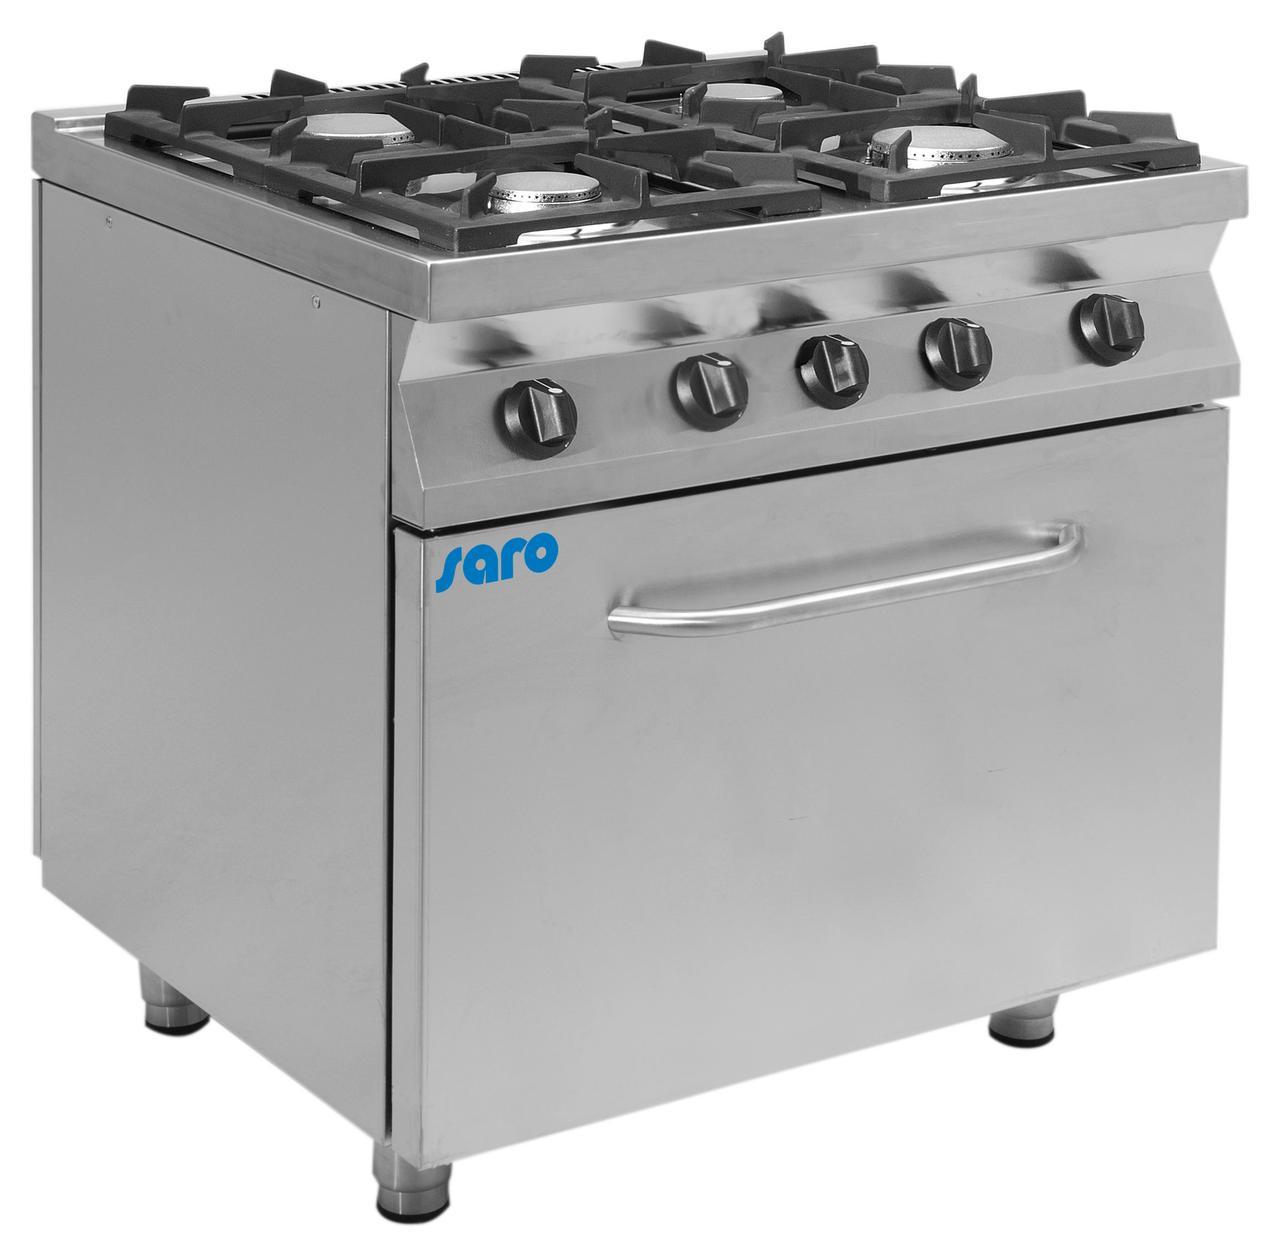 Газовая плита с газовой духовкой F7 / KUG4LE Saro